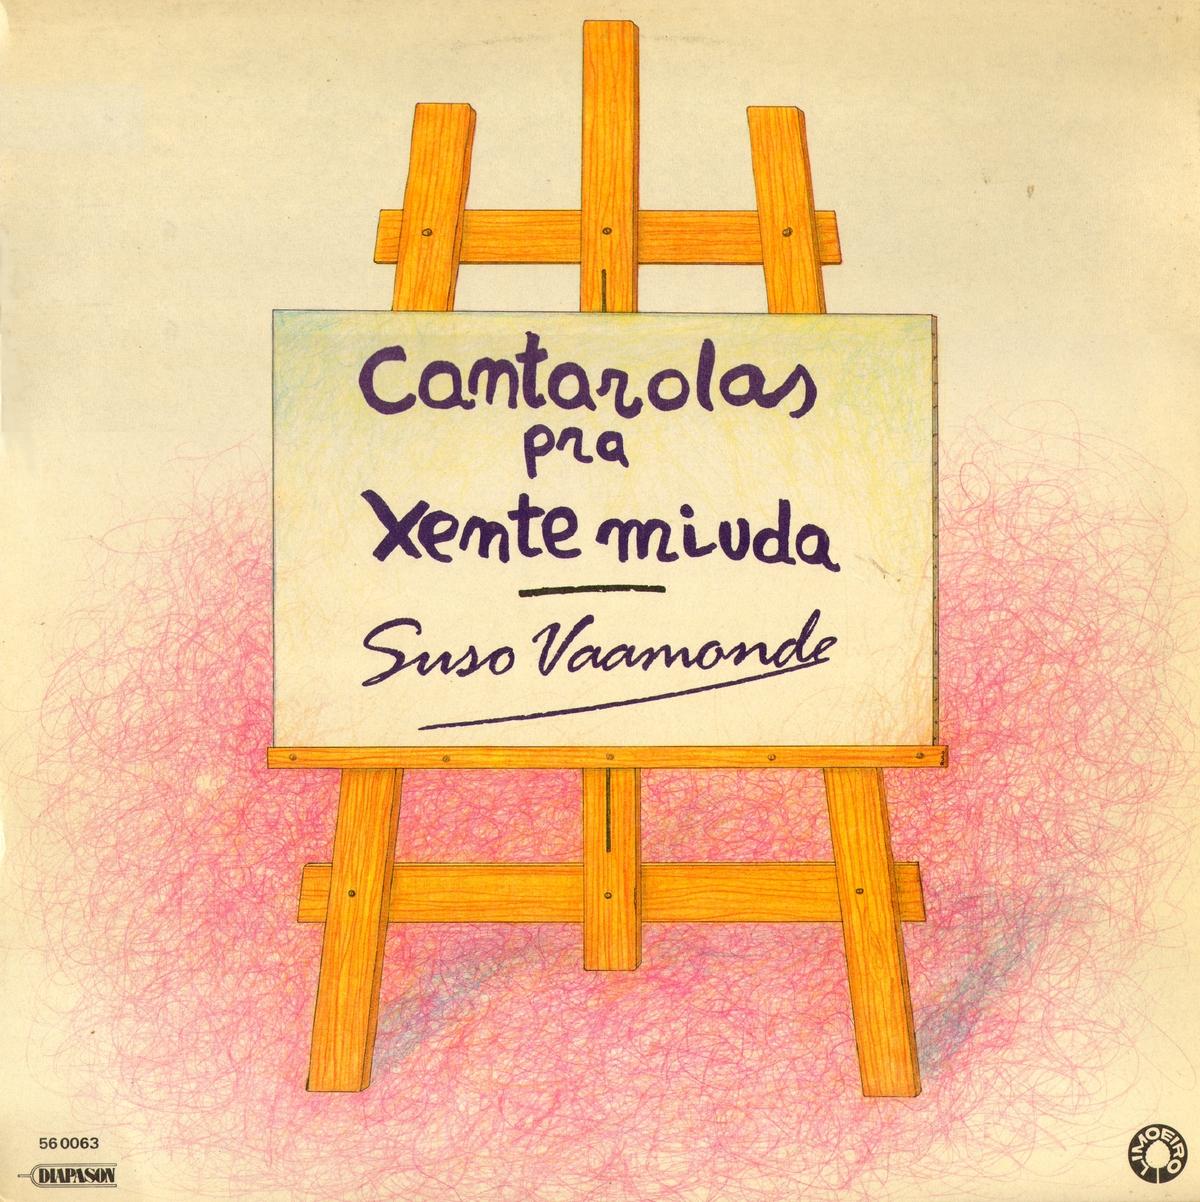 portada del album Cantarolas pra Xente Miúda